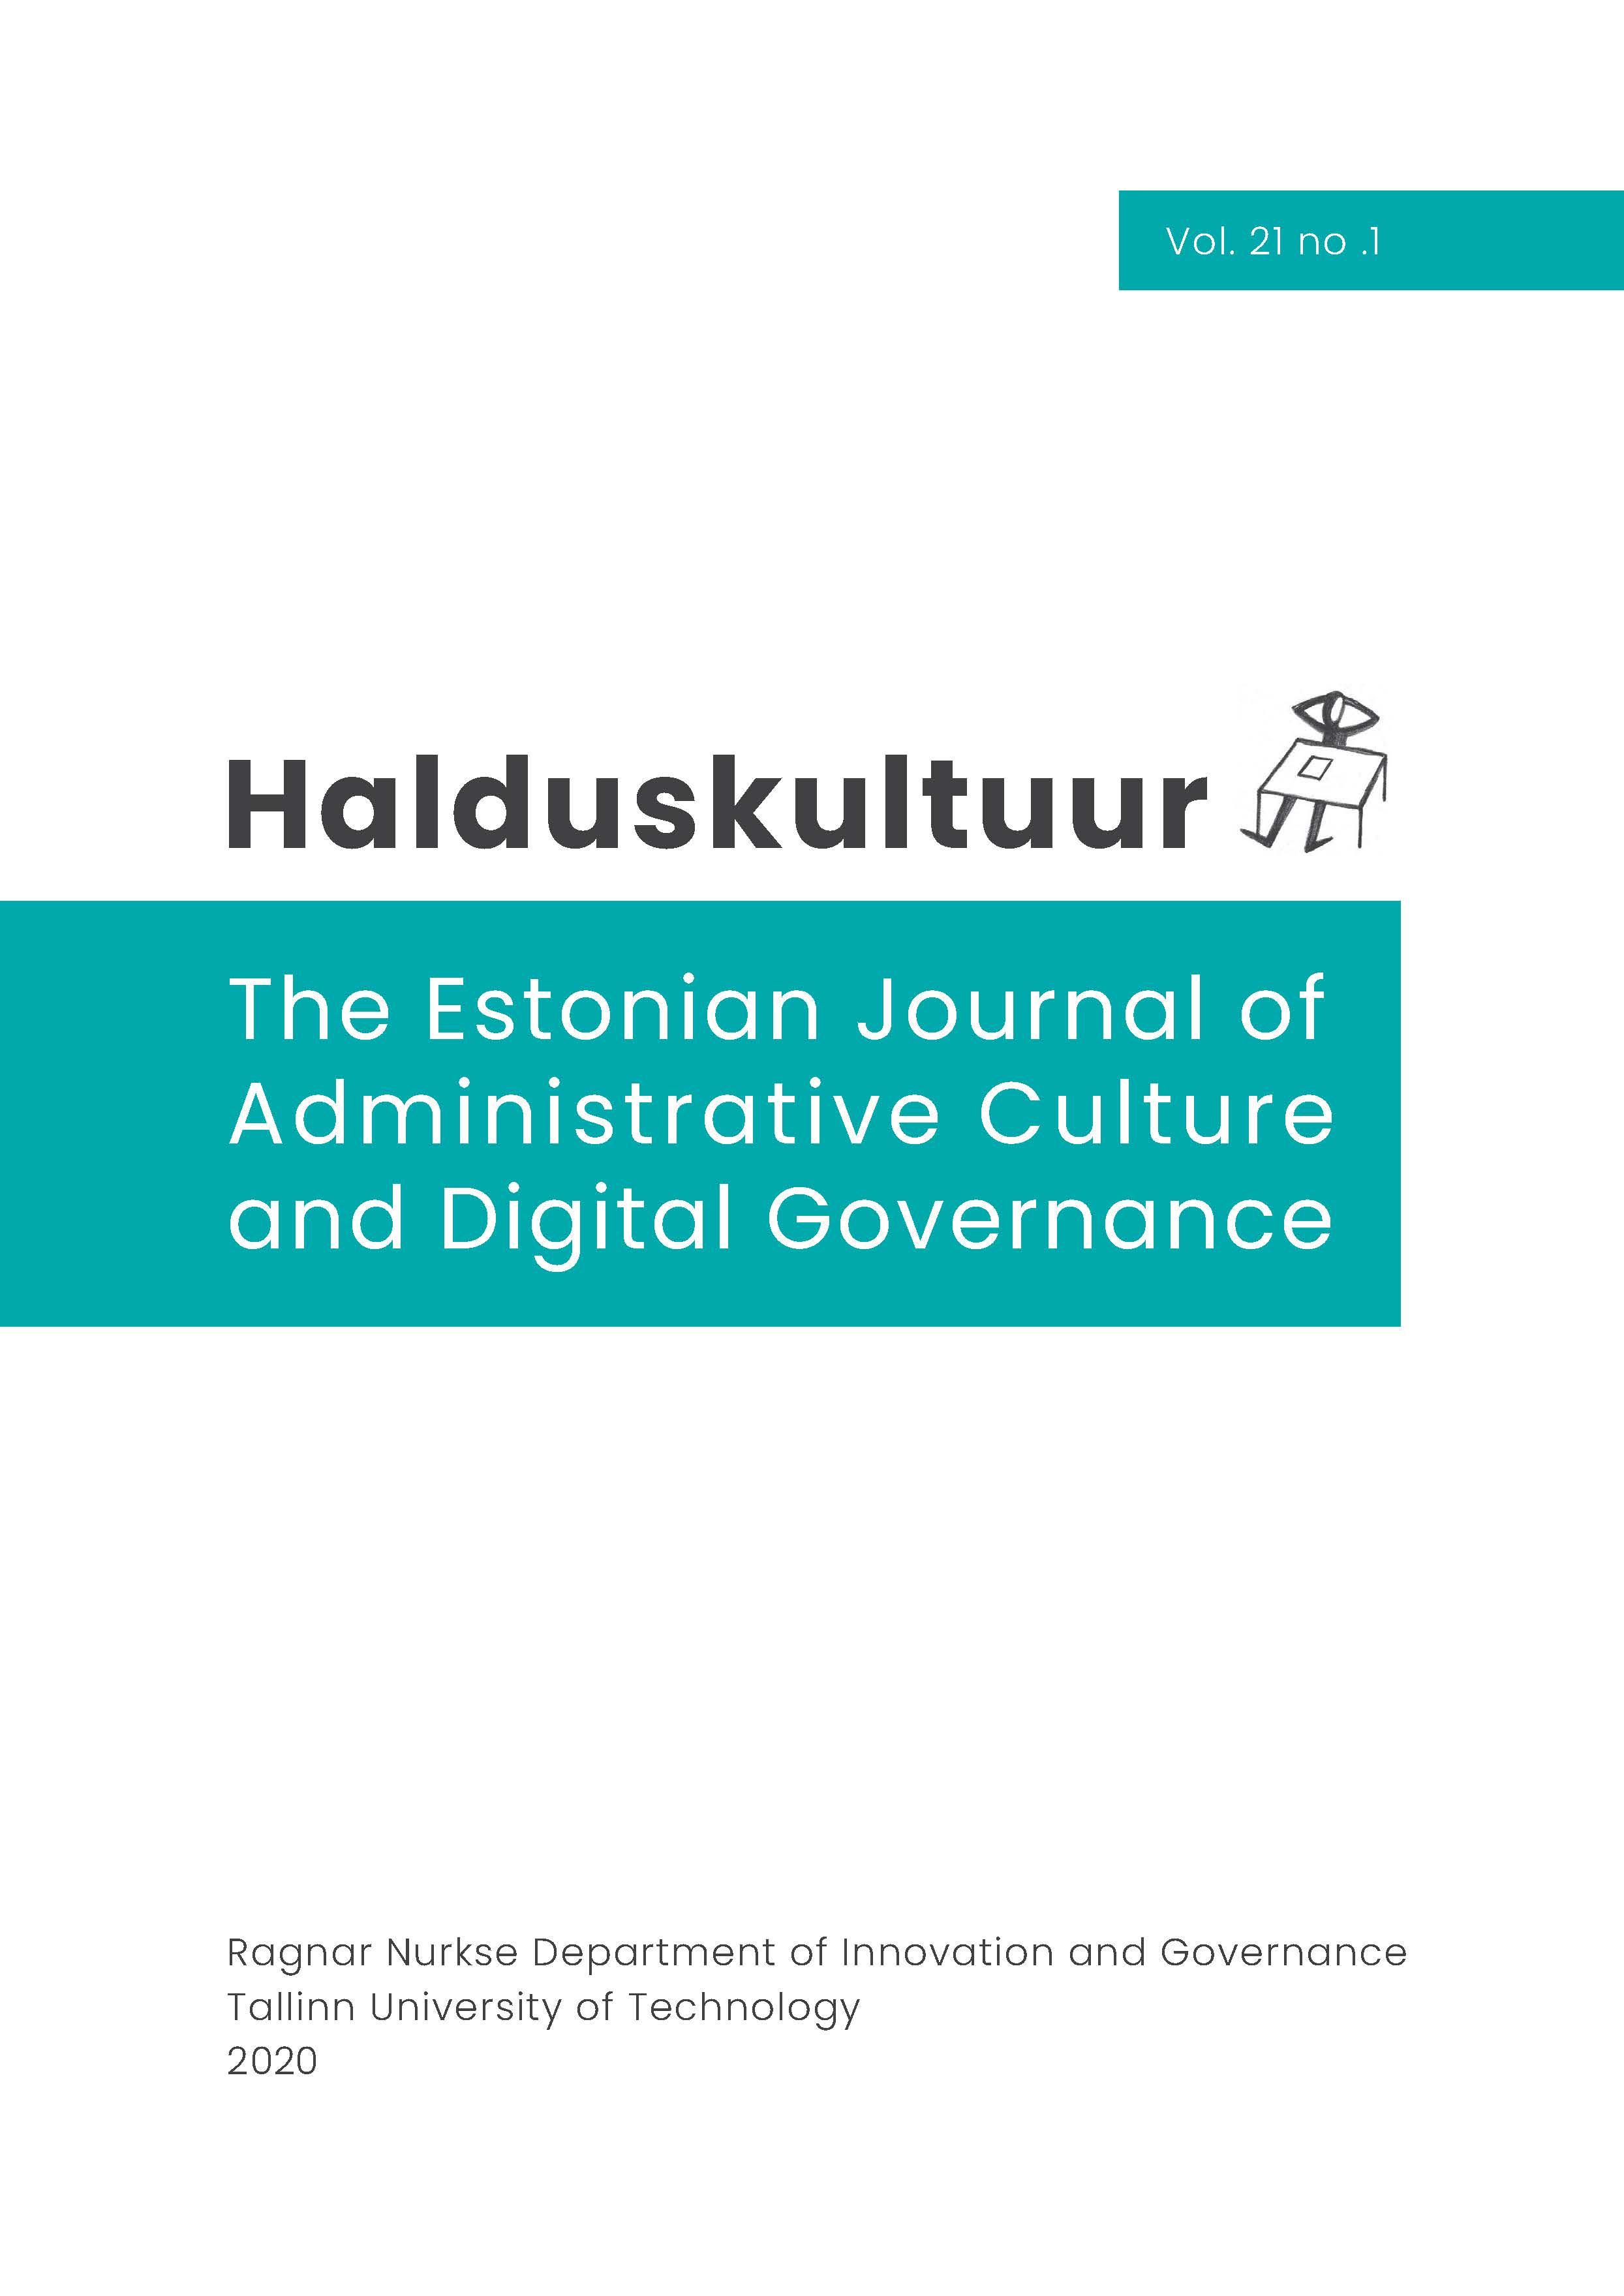 Halduskultuur 21(1) - Cover page